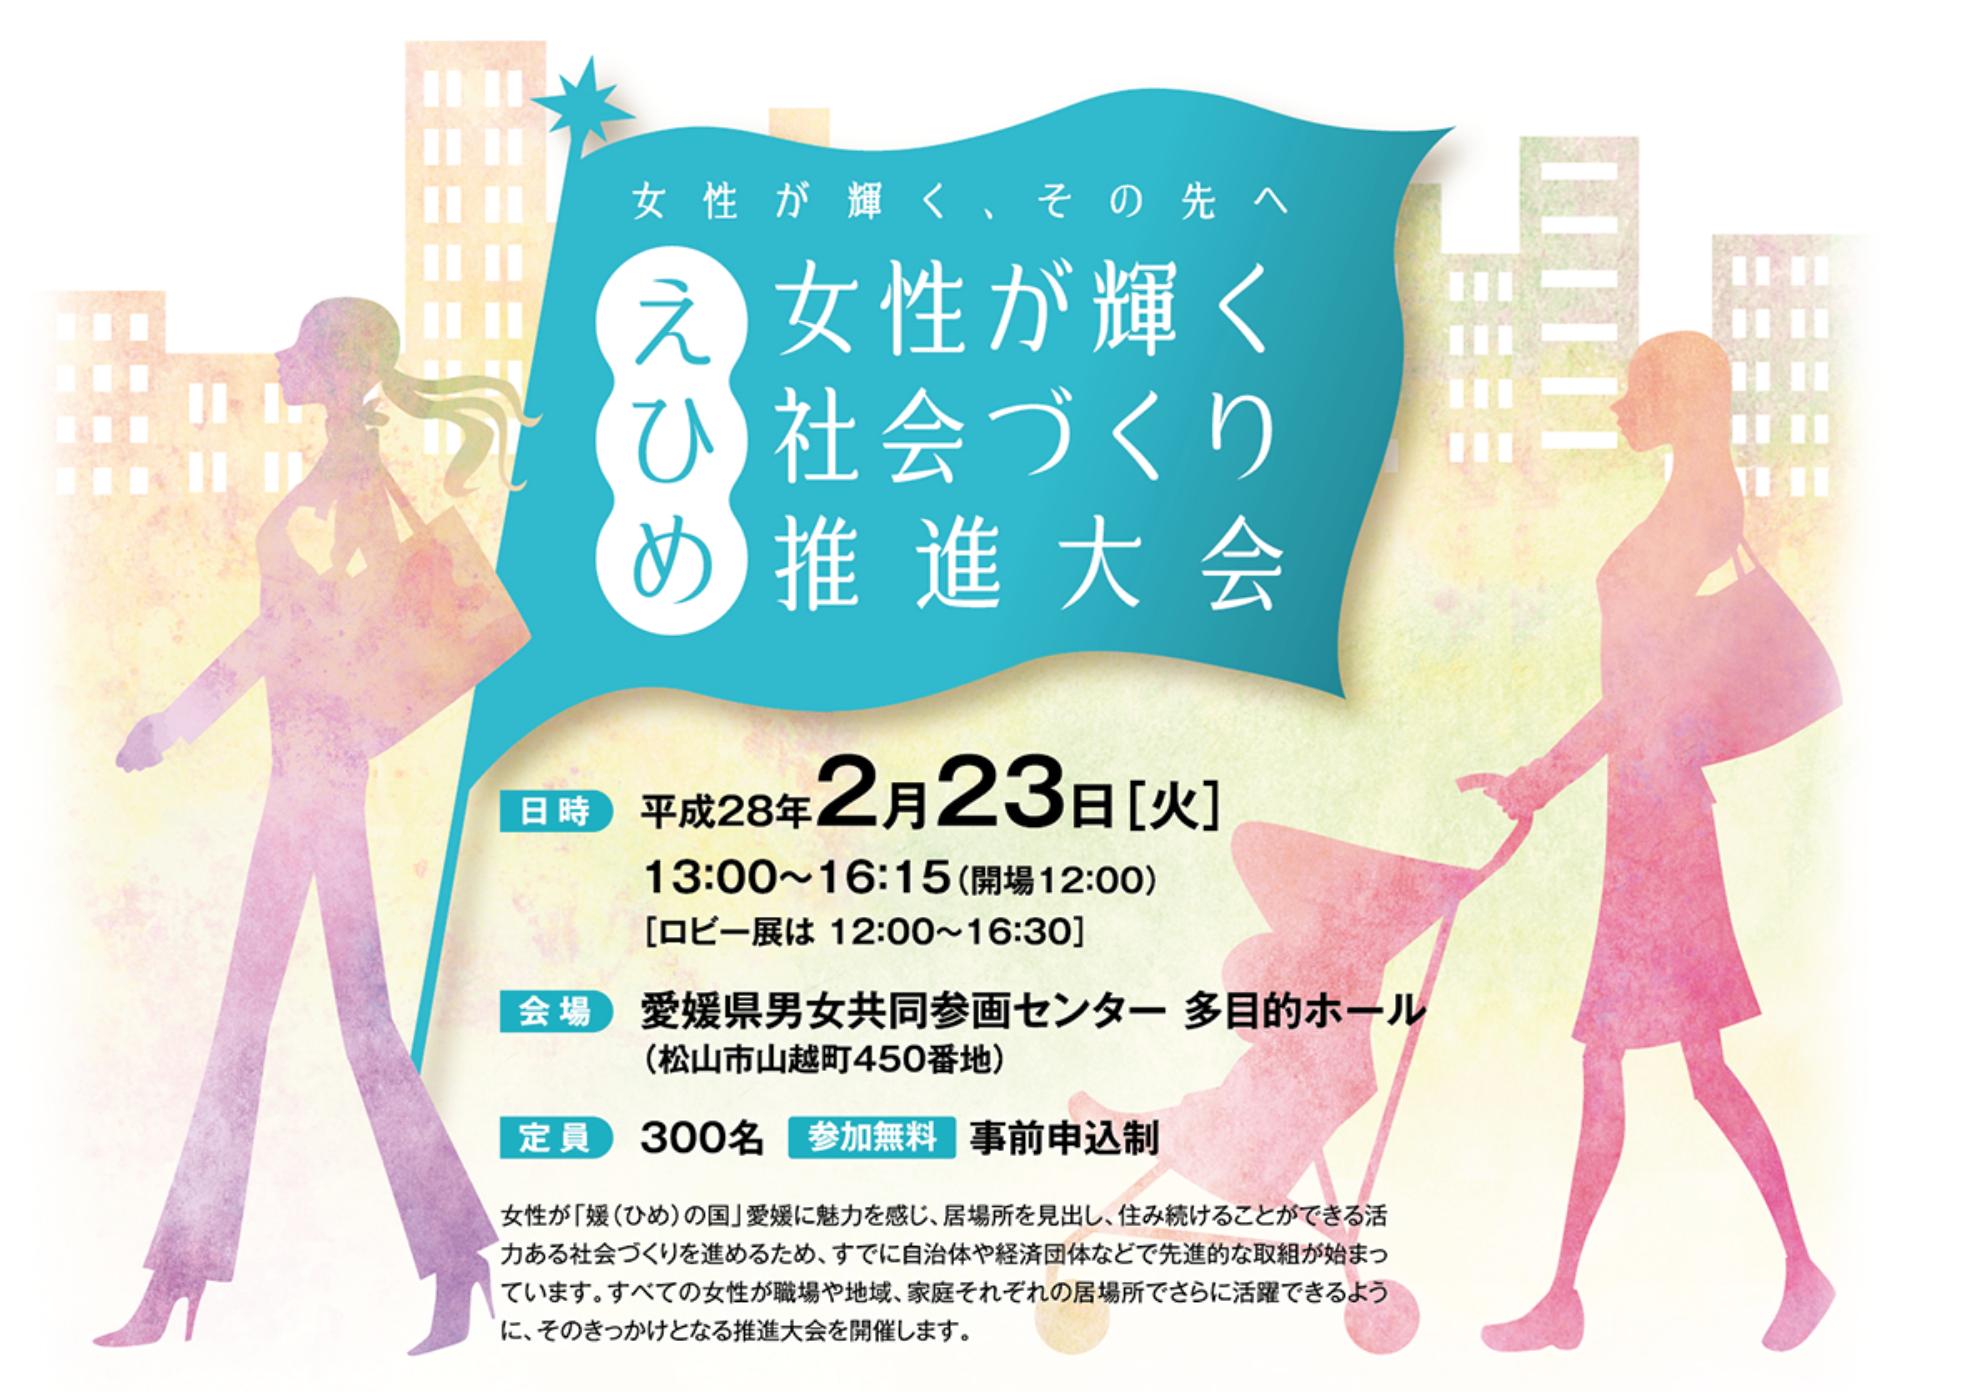 2月23日は松山へ〜えひめ女性が輝く社会づくり推進大会で講演